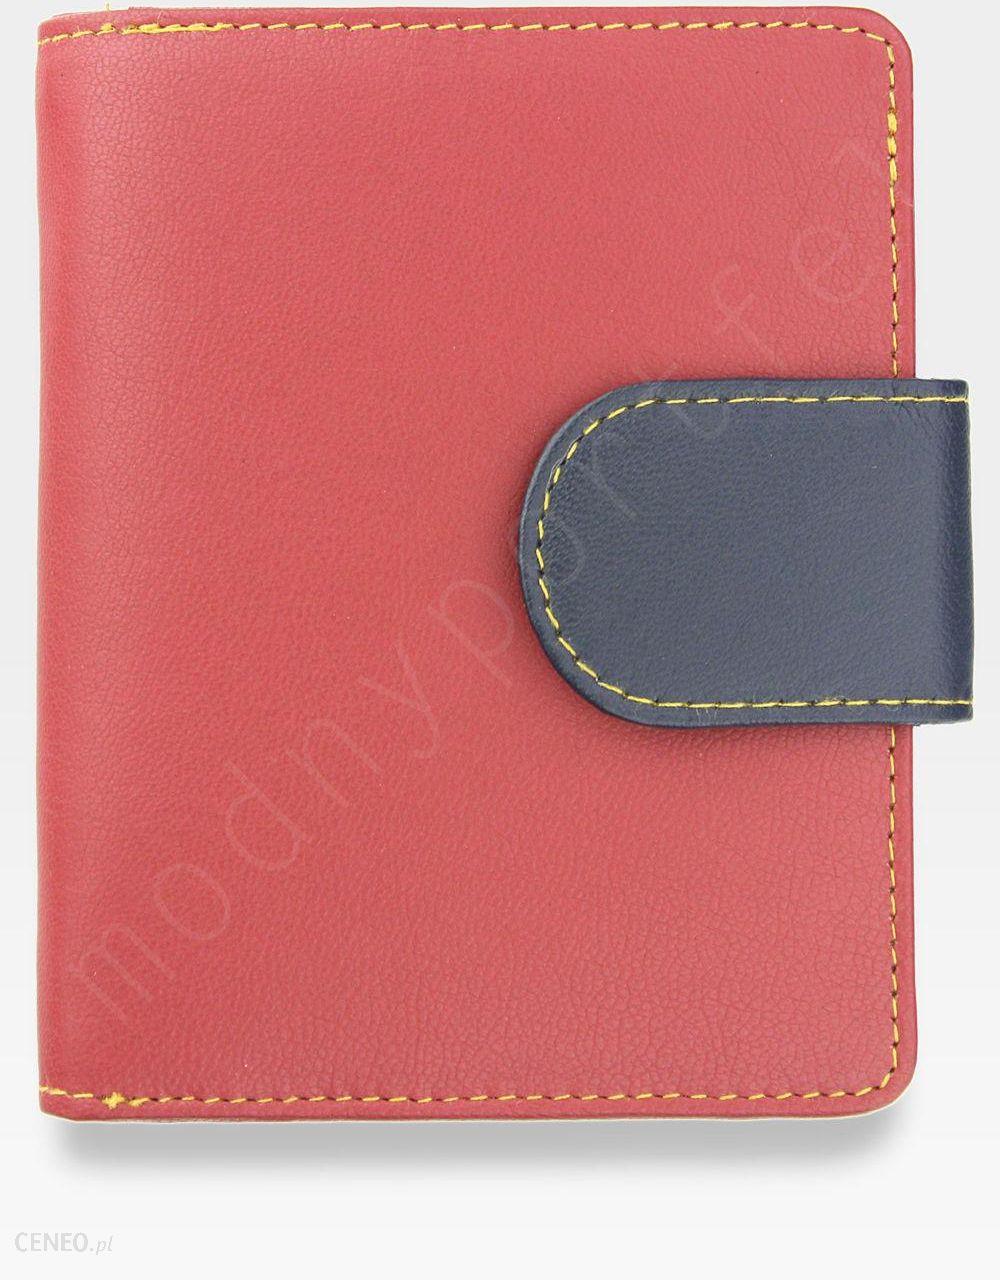 065e3ada35fe3 YOSHI Średni Portfel Damski Skórzany Czerwony Multi Y By Yoshi Y1101 26 -  zdjęcie 1